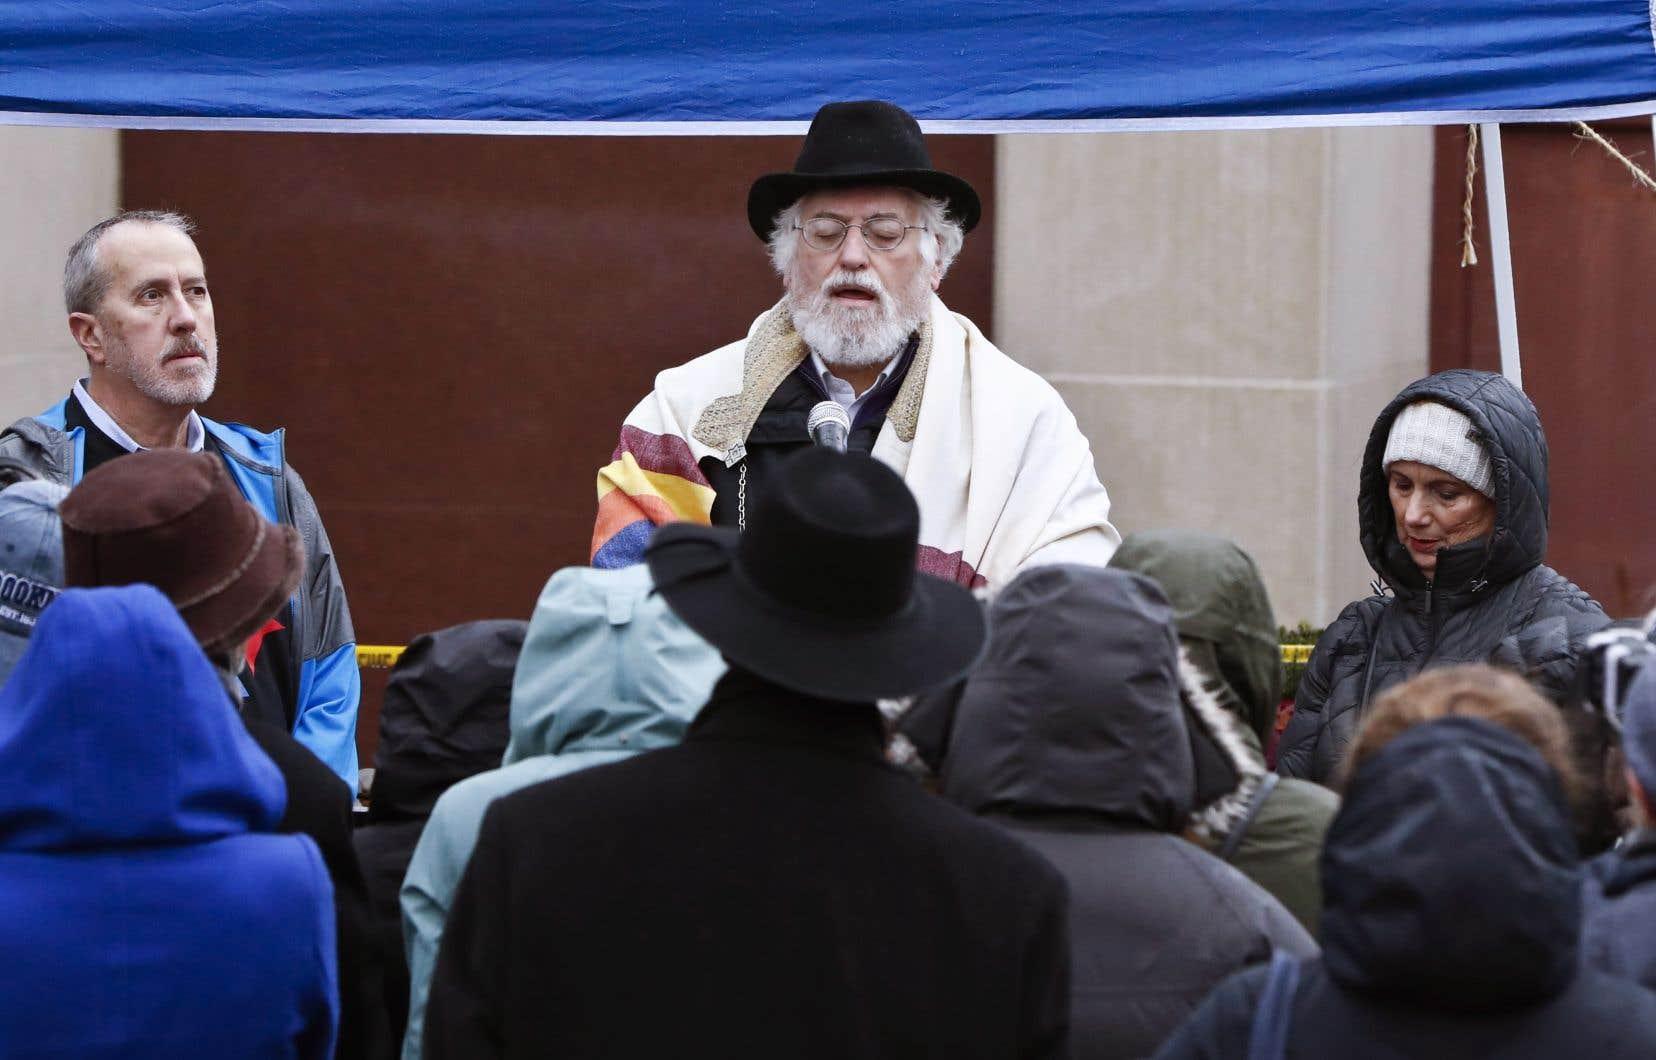 L'ancien rabbin de la synagogue Tree of Life, Chuck Diamond, a présidé une cérémonie d'une durée de 45 minutes comprenant des prières, des chansons et de la poésie.